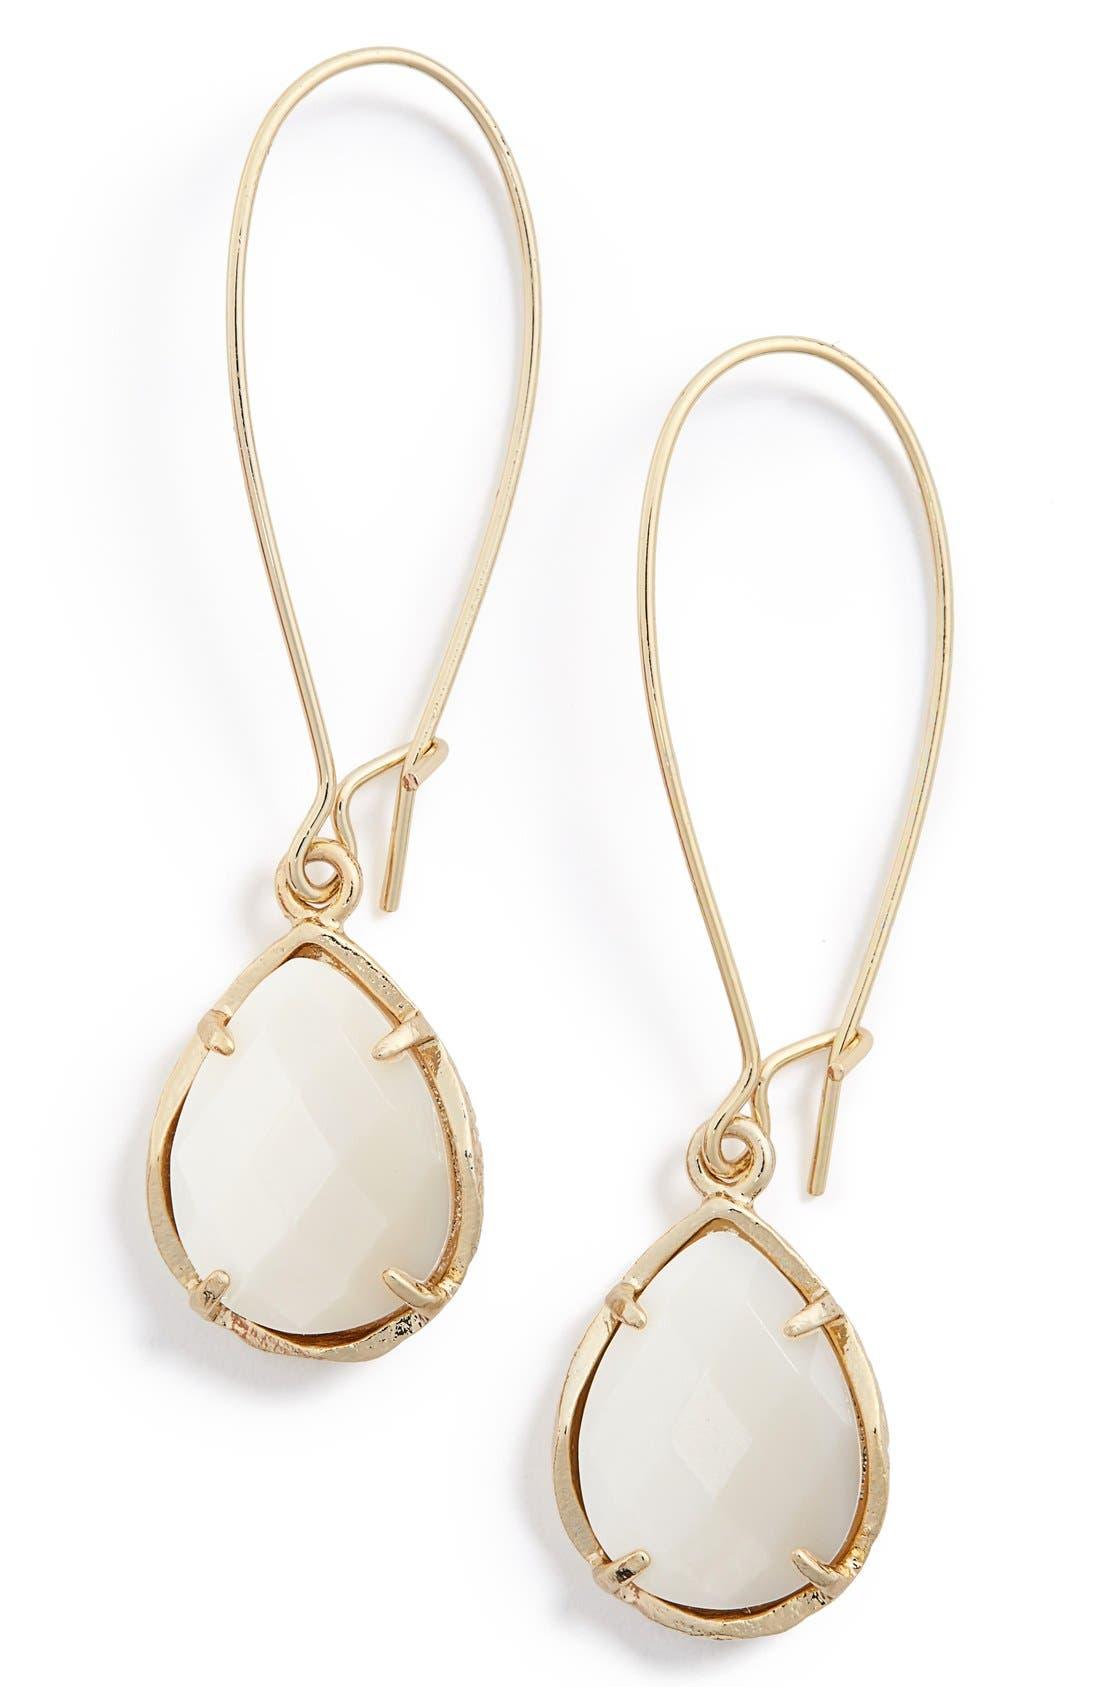 Main Image - Kendra Scott 'Dee' Teardrop Earrings